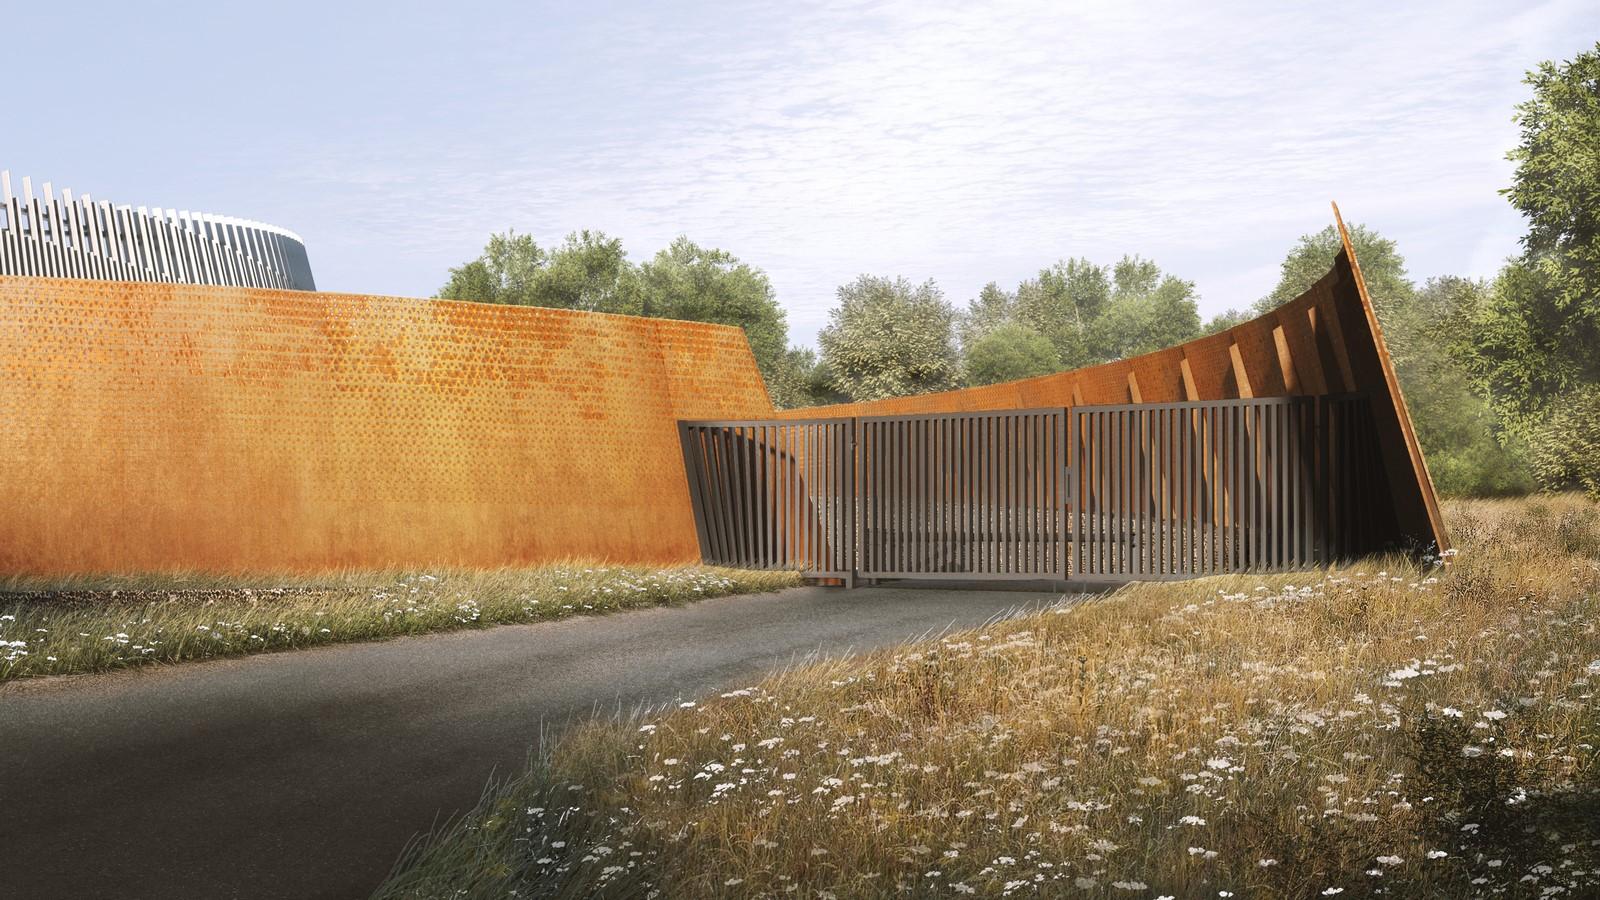 Sculptural Metal enclosure for HS2 ventilation shaft designed by Grimshaw - Sheet6